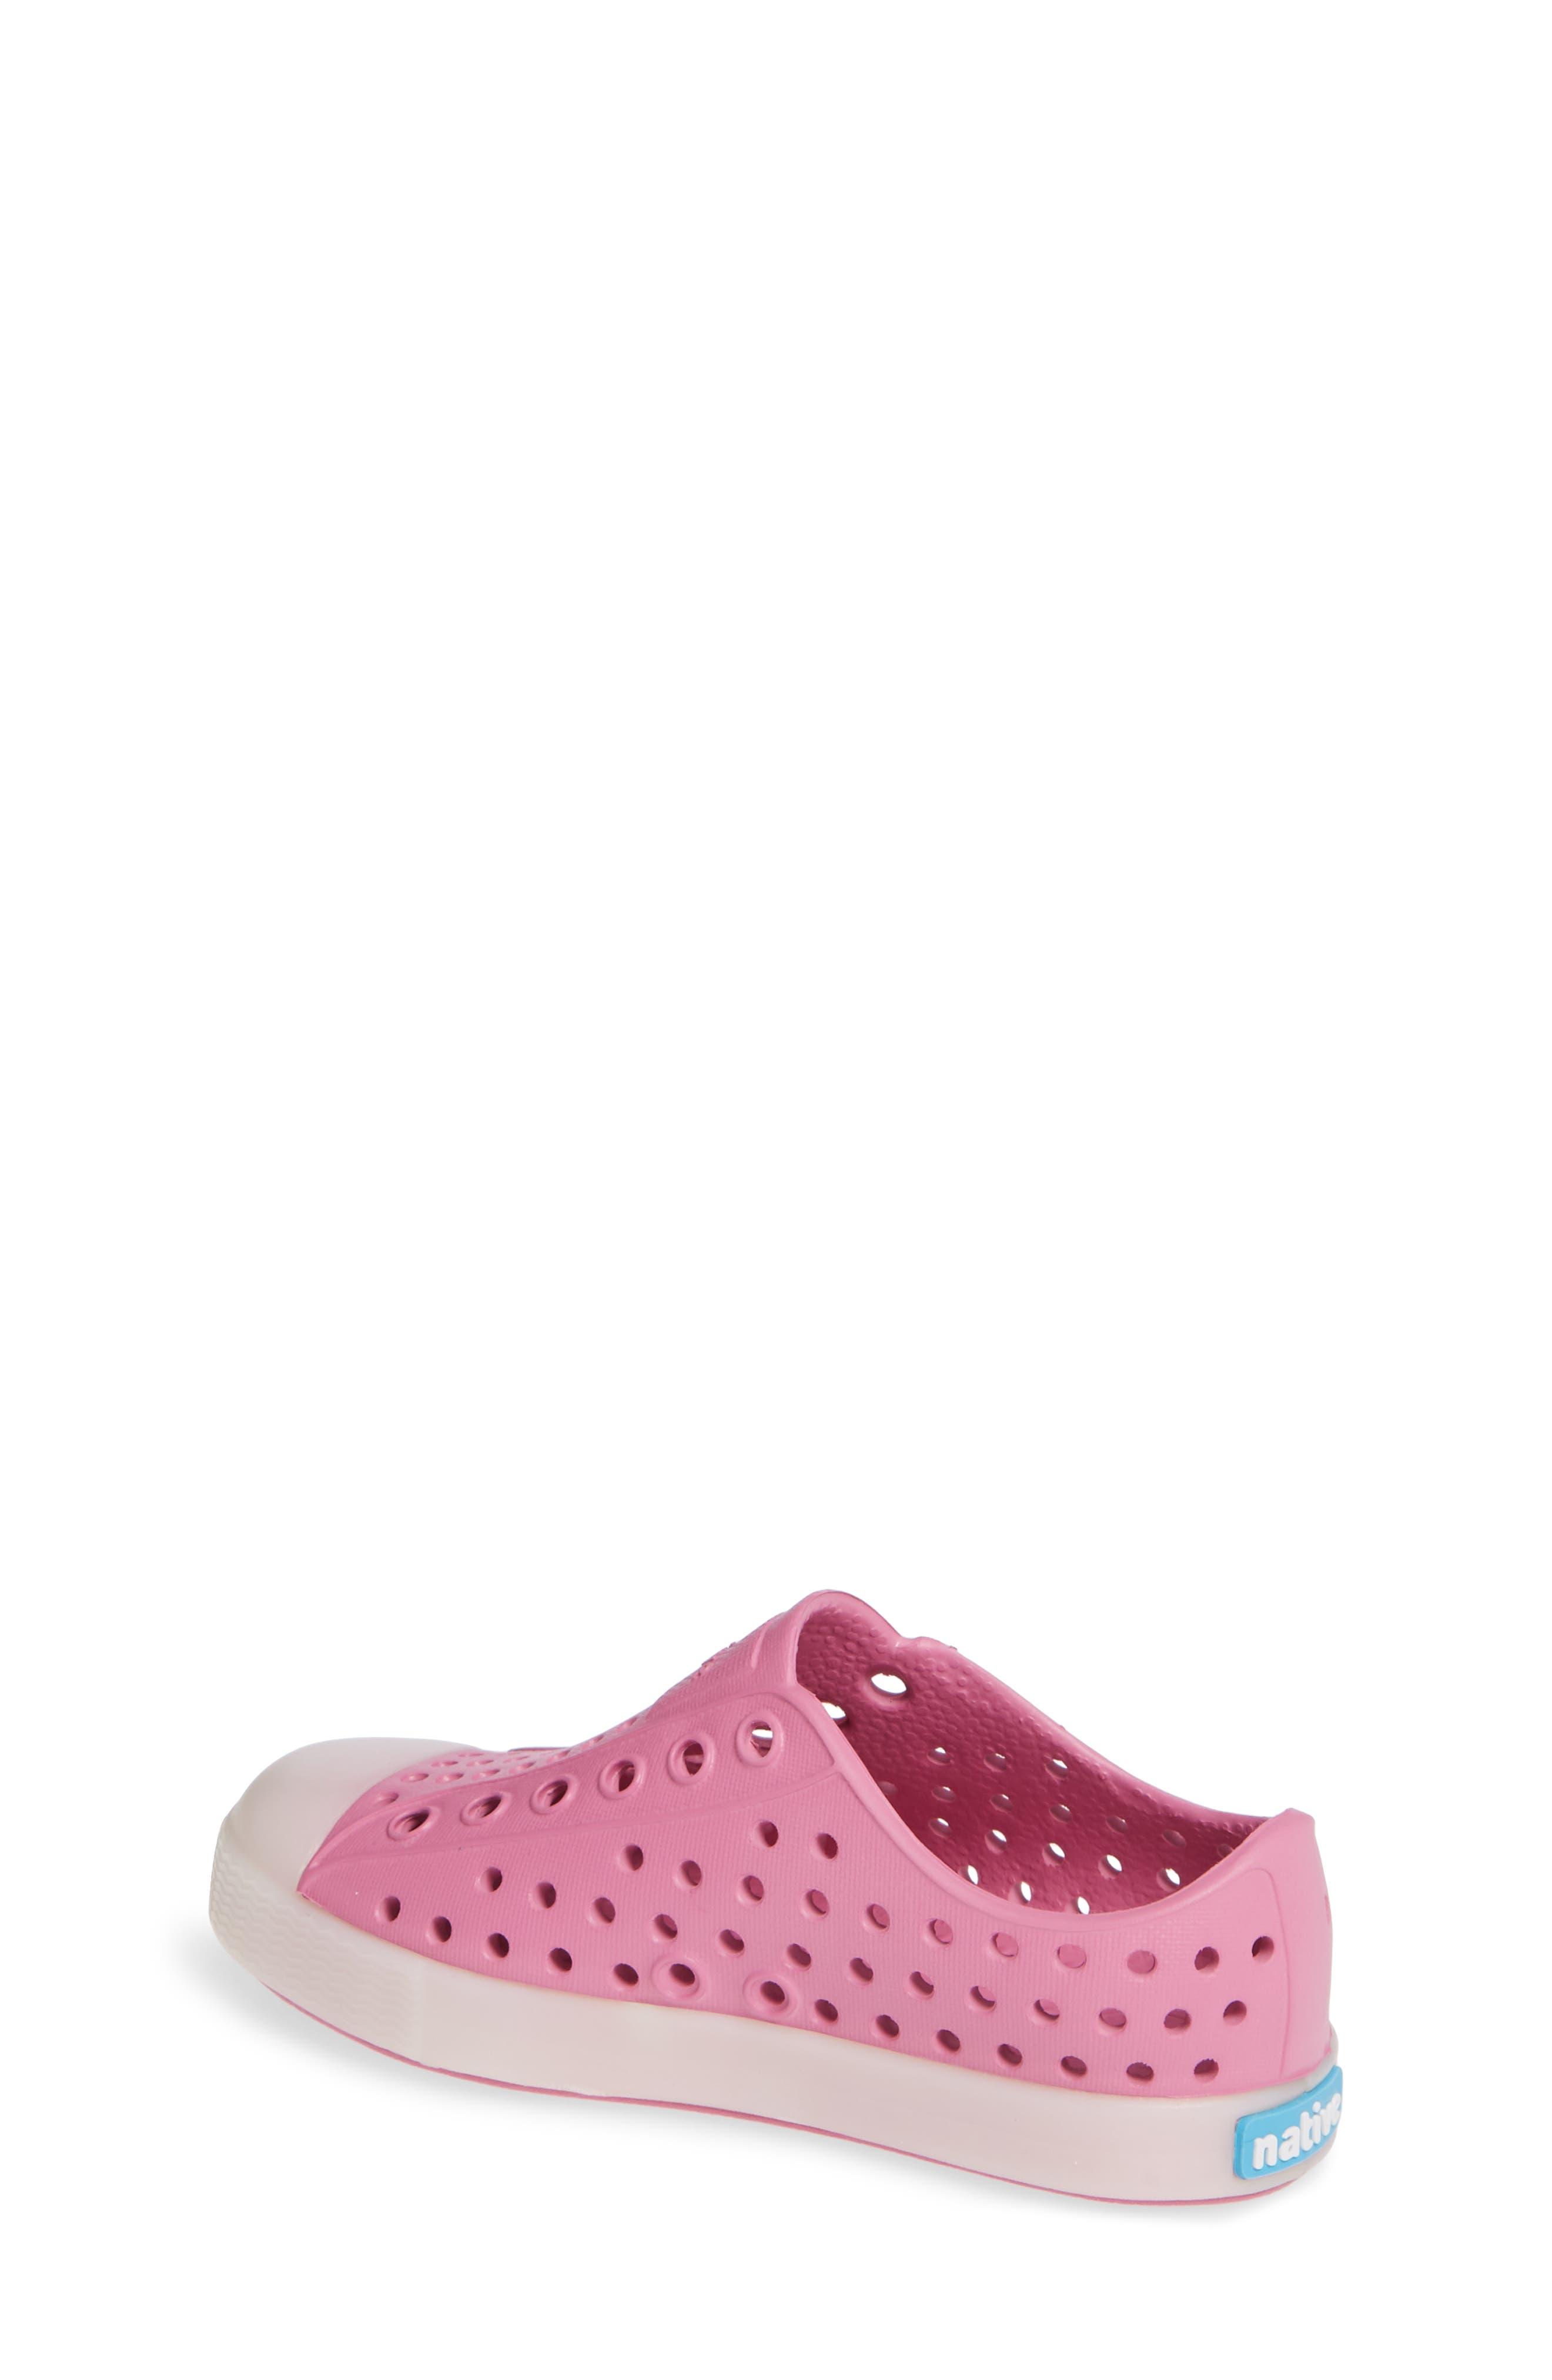 Jefferson - Glow in the Dark Sneaker,                             Alternate thumbnail 2, color,                             Woodward Pink/ Glow